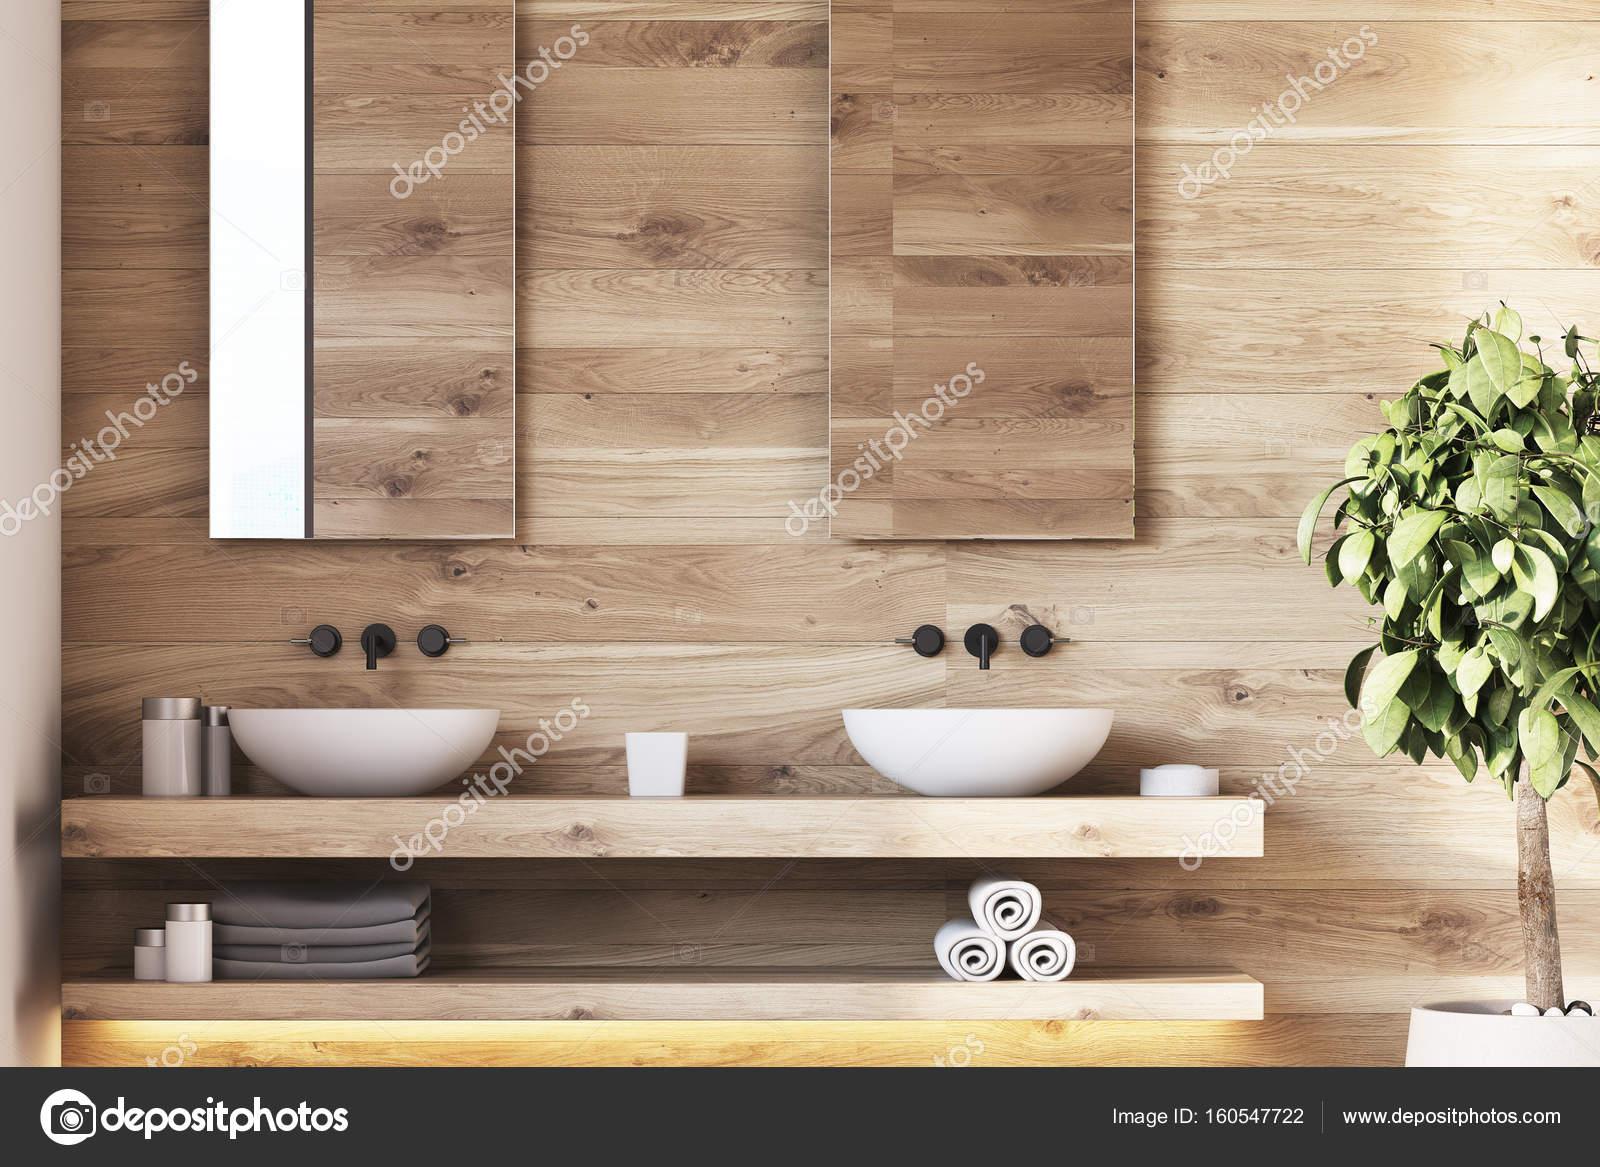 Houten Plank Badkamer : Houten badkamer interieur putten boom u stockfoto